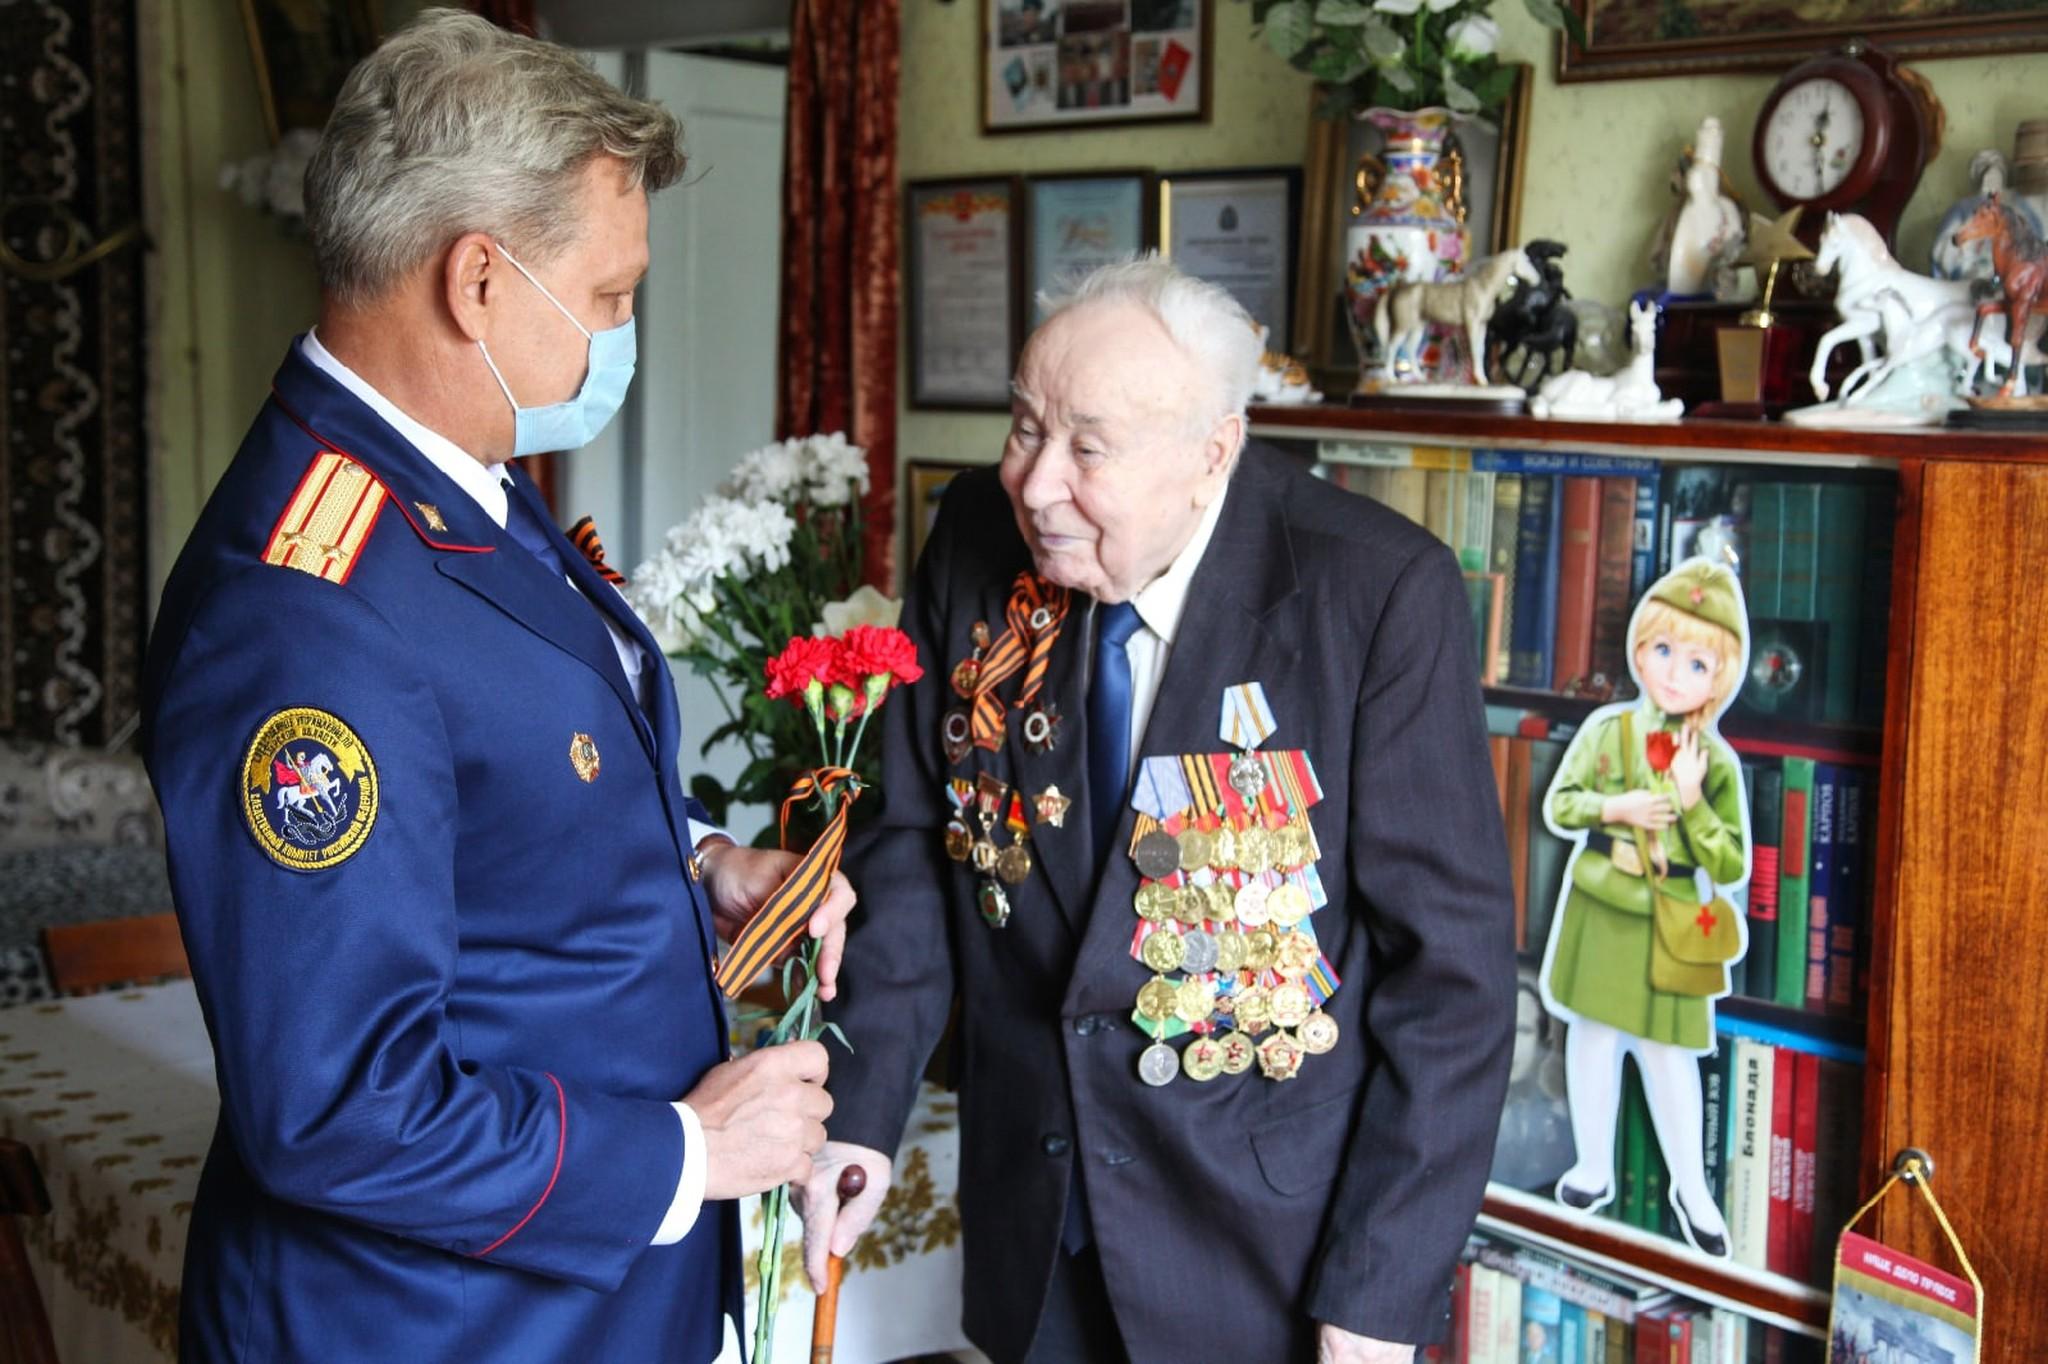 Сотрудники тверского СК в преддверии Дня Победы навестили ветерана Великой Отечественной войны